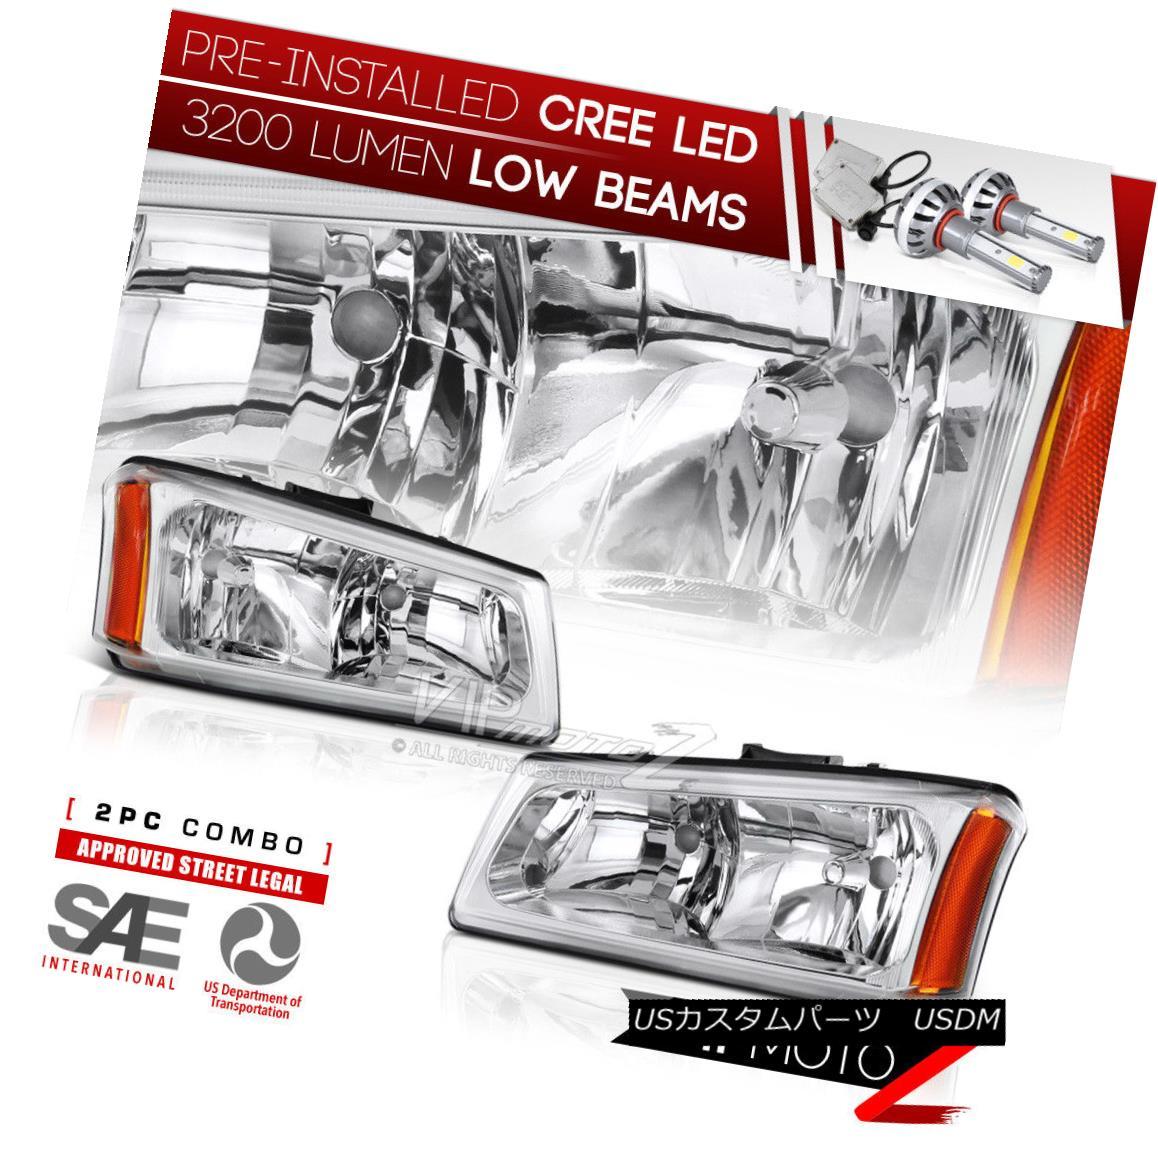 ヘッドライト {BUILT-IN LED LOW BEAM} 03-06 Chevy Silverado SS Truck Clear Headlights W/ Amber {LEDインジケーター} 03-06シボレーシルバラードSSトラッククリアヘッドライトW /アンバー